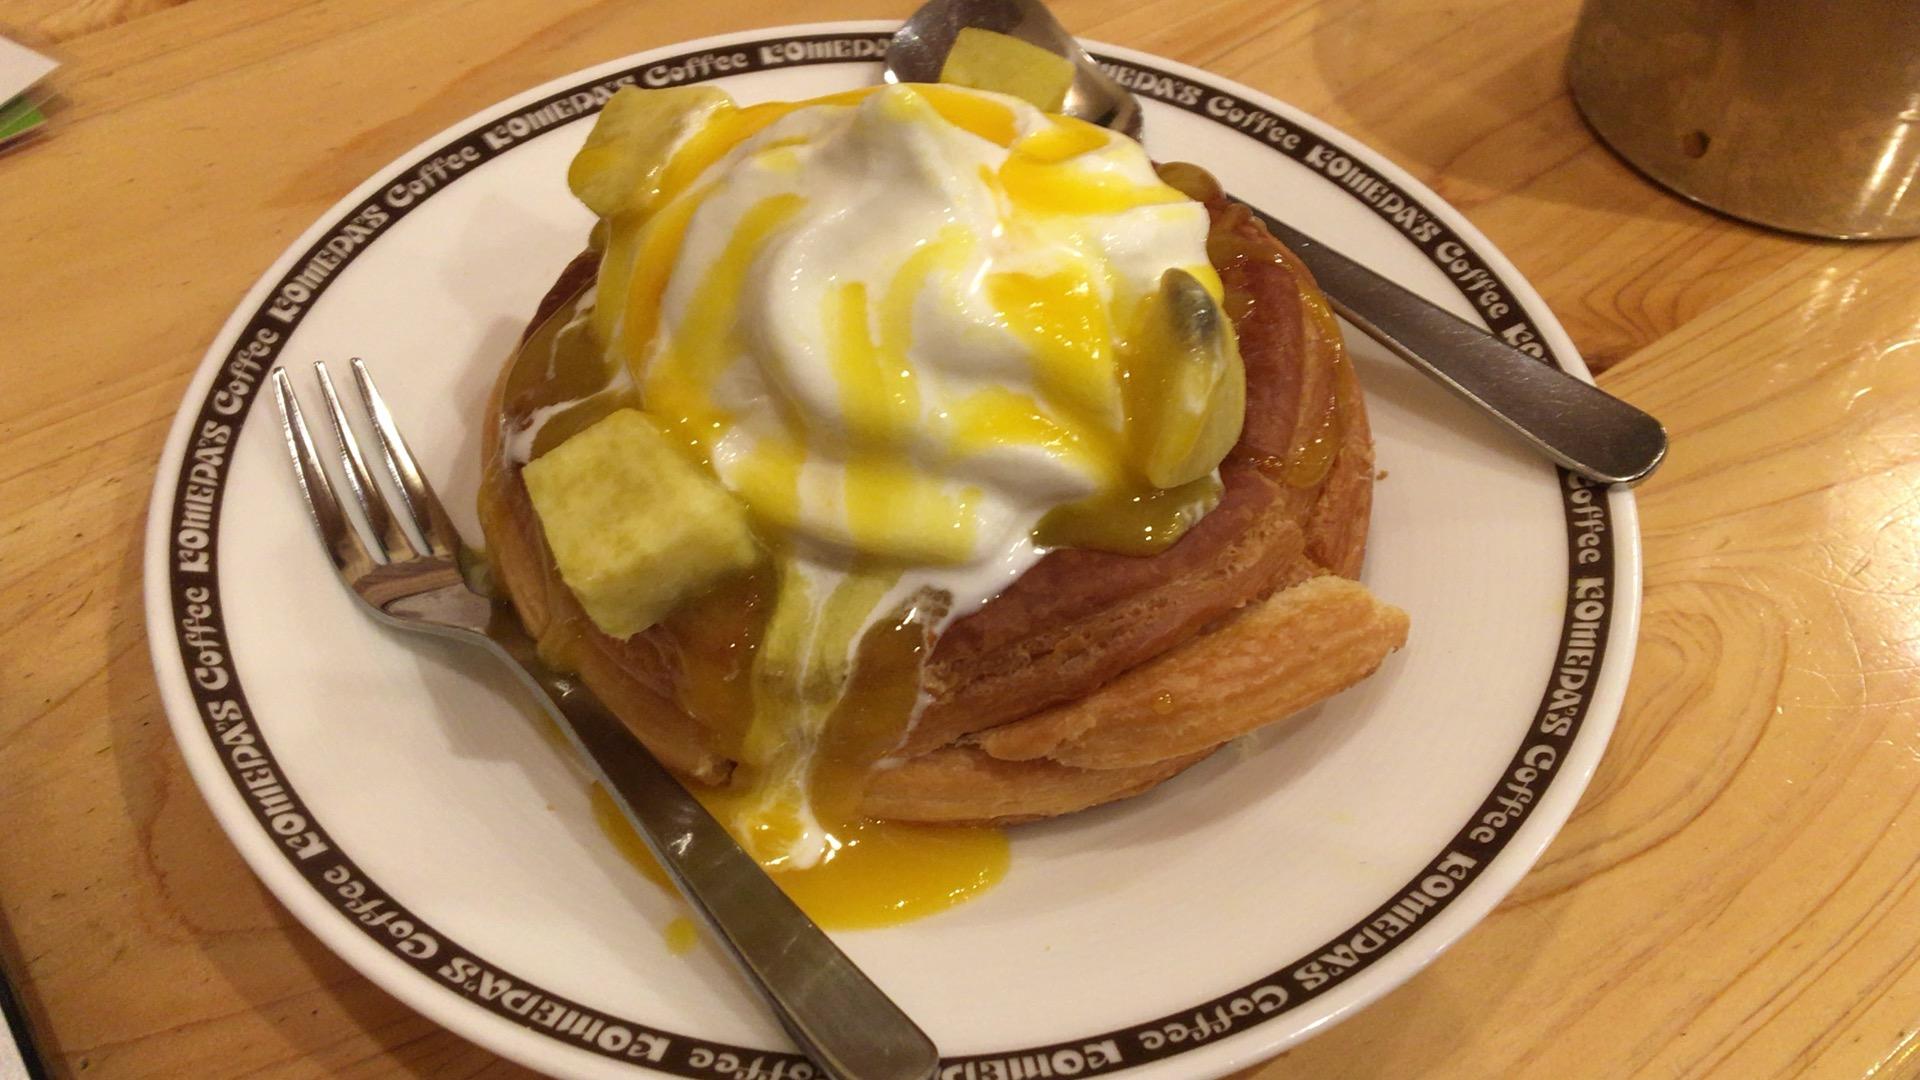 【鹿児島県産安納芋も使用!】コメダ珈琲のおさつノワールはシロノワール史上最ウマだと思うのだが!